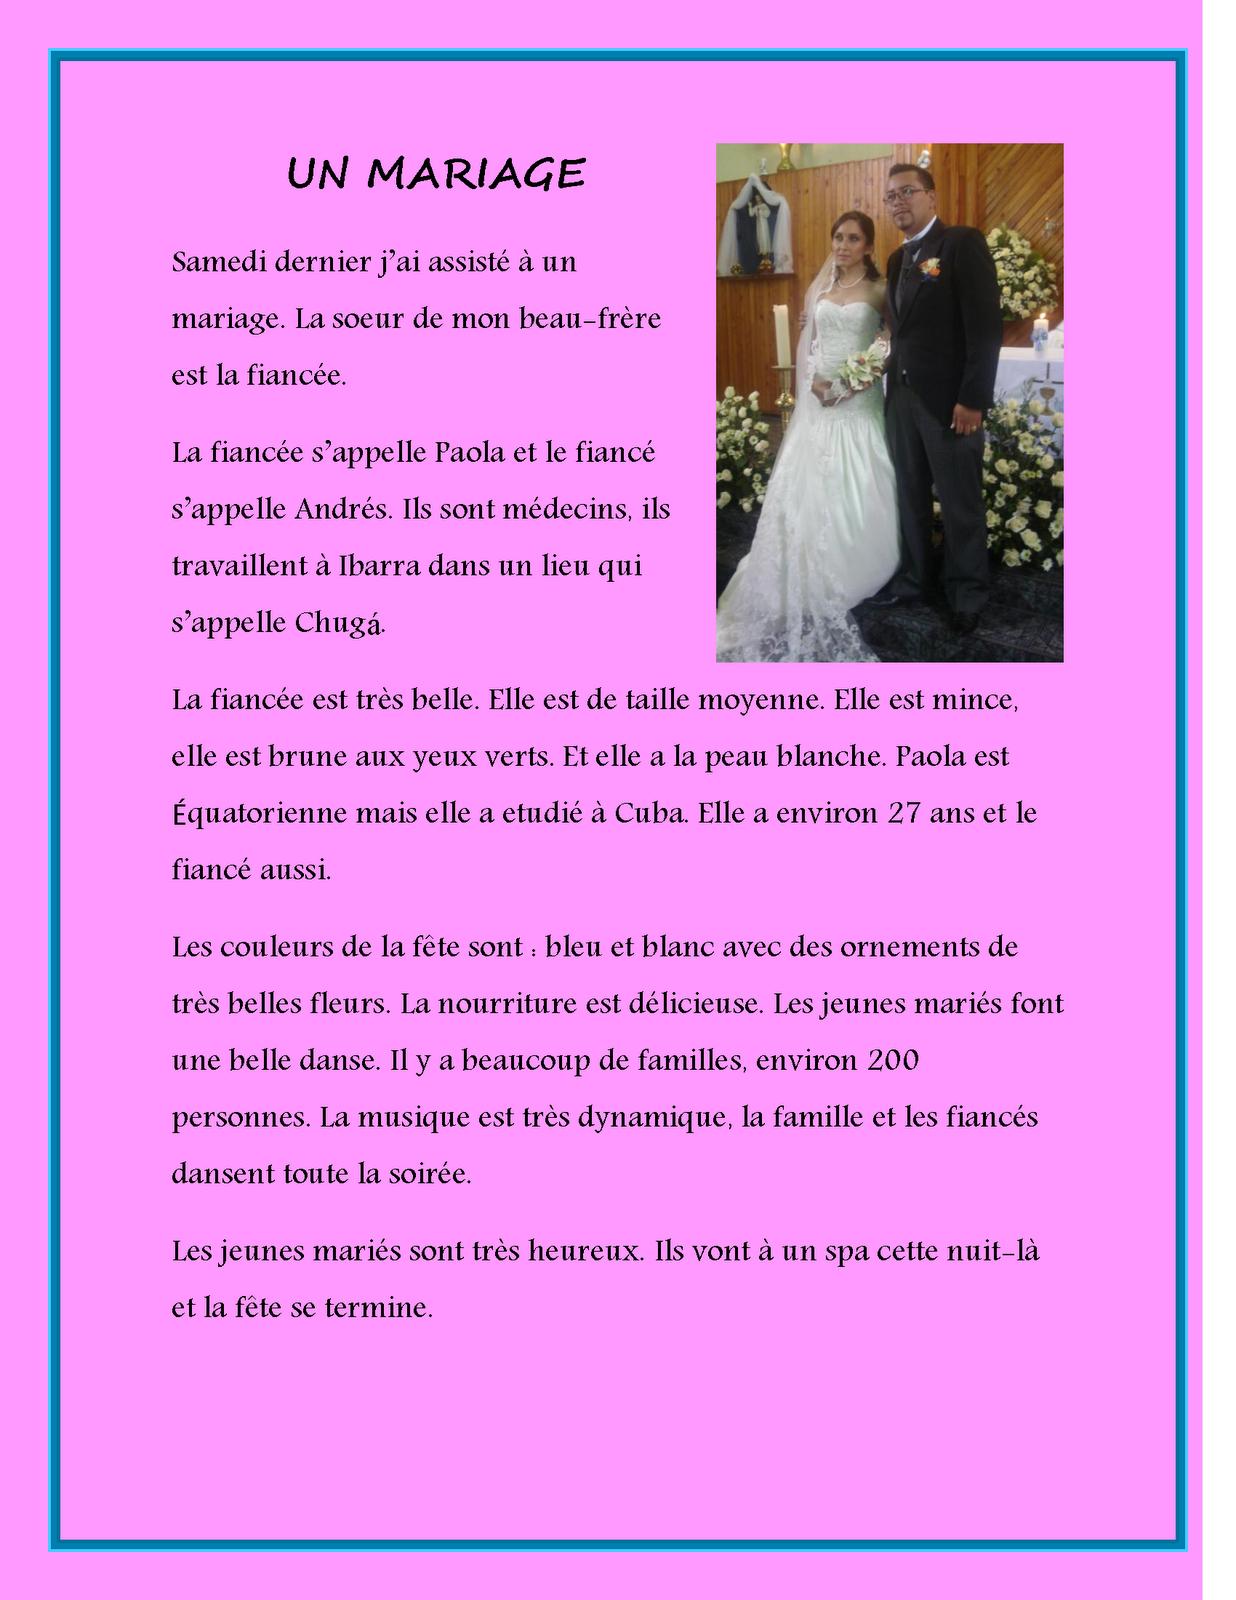 Un mariage cliquez sur l image pour agrandir le texte blog af - Texte felicitation mariage humour ...